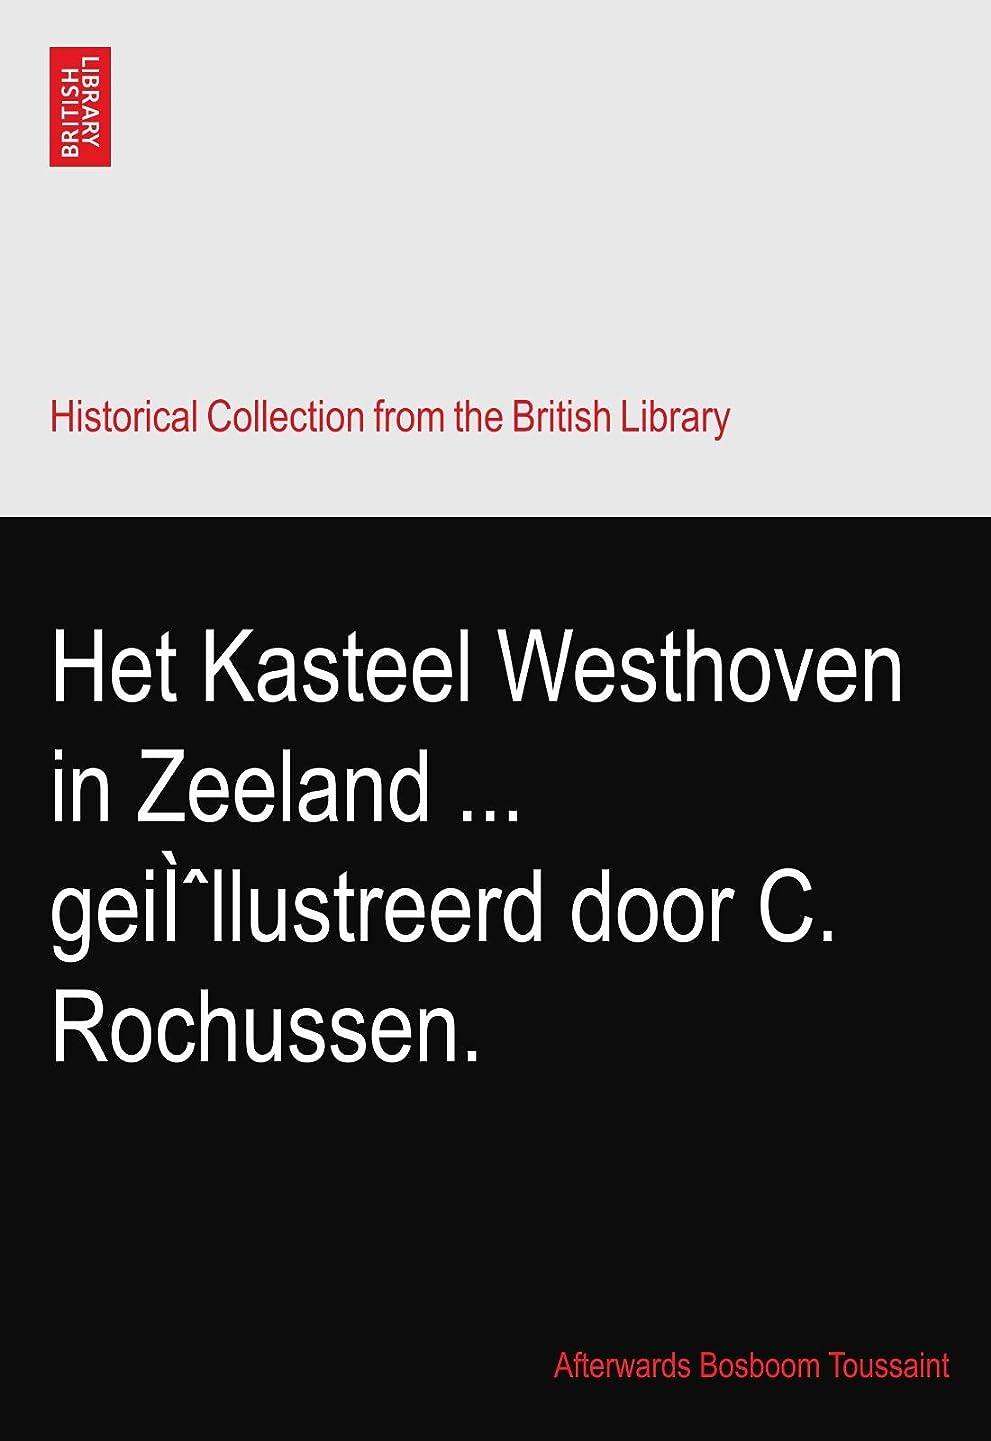 はっきりしないダニ加入Het Kasteel Westhoven in Zeeland ... geiì?llustreerd door C. Rochussen.